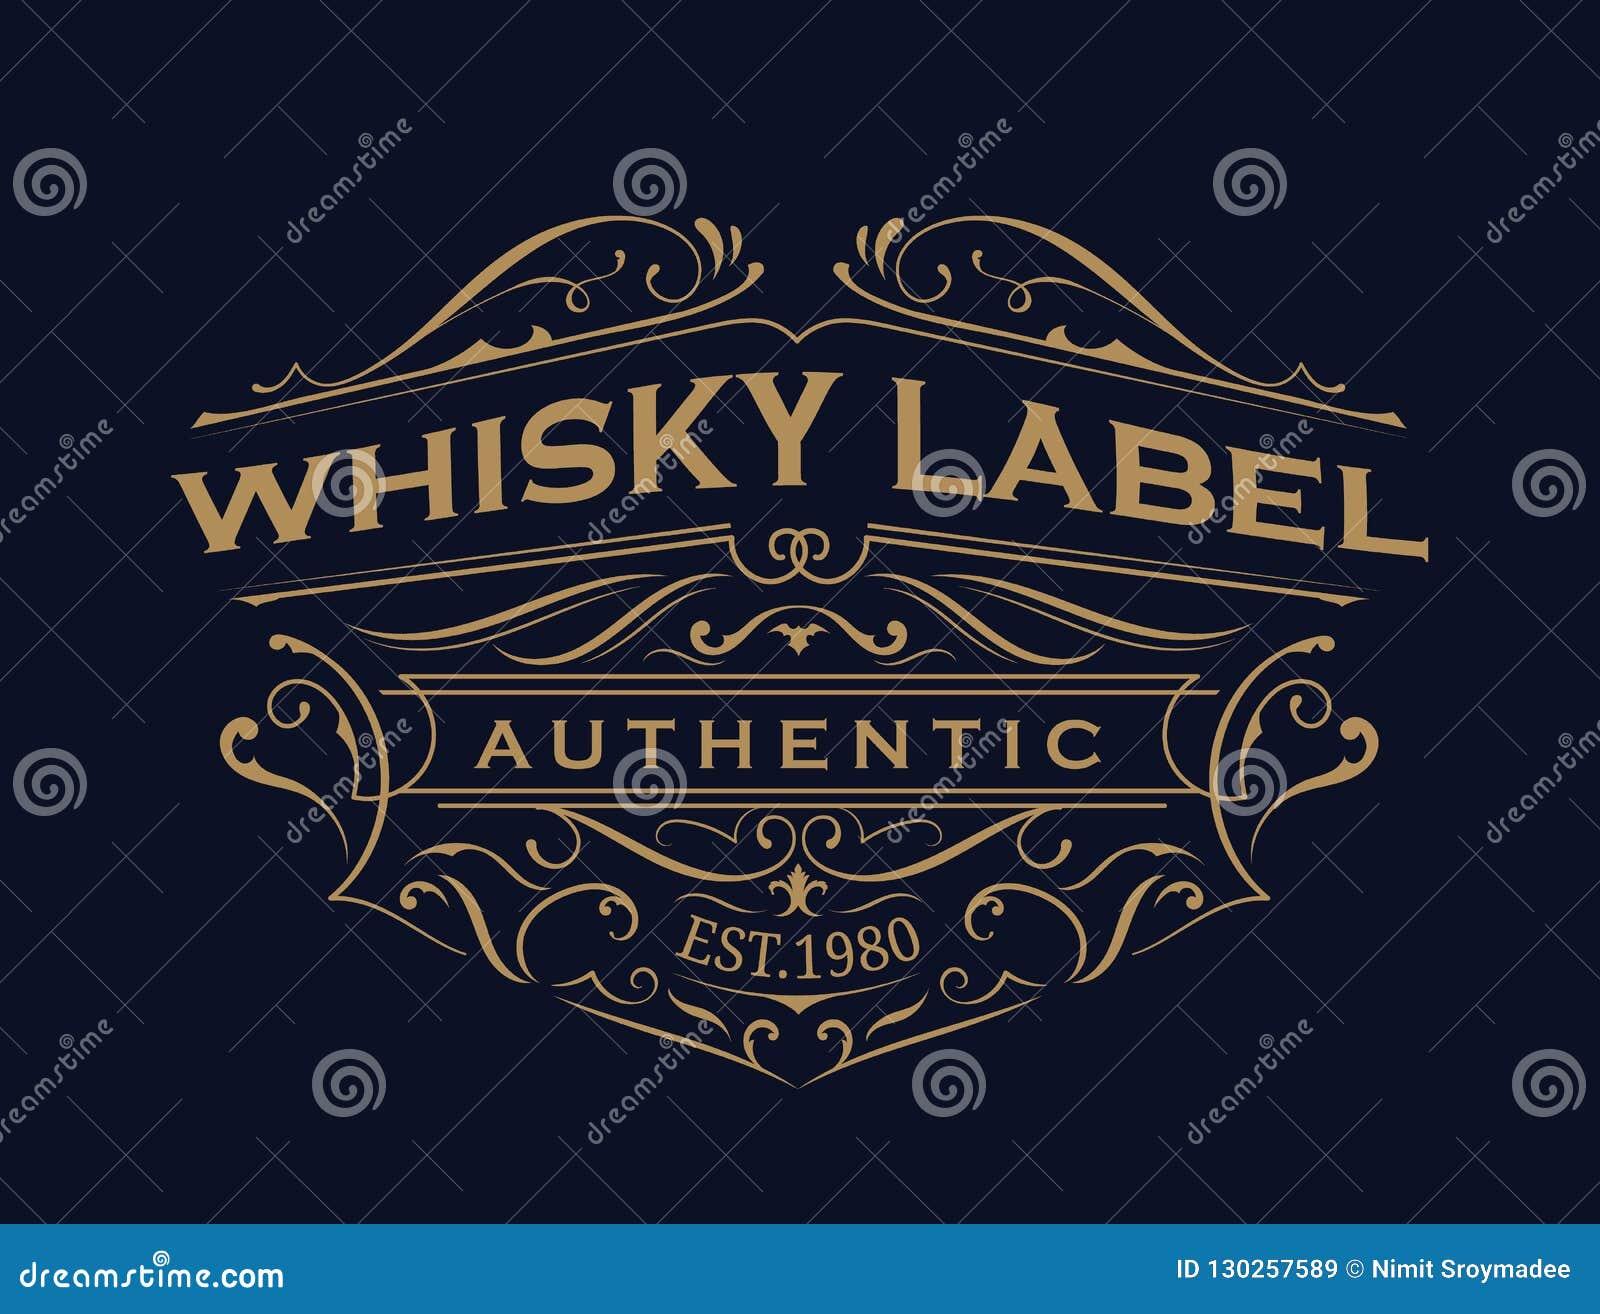 Design för logo för ram för tappning för typografi för whiskyetikett antik